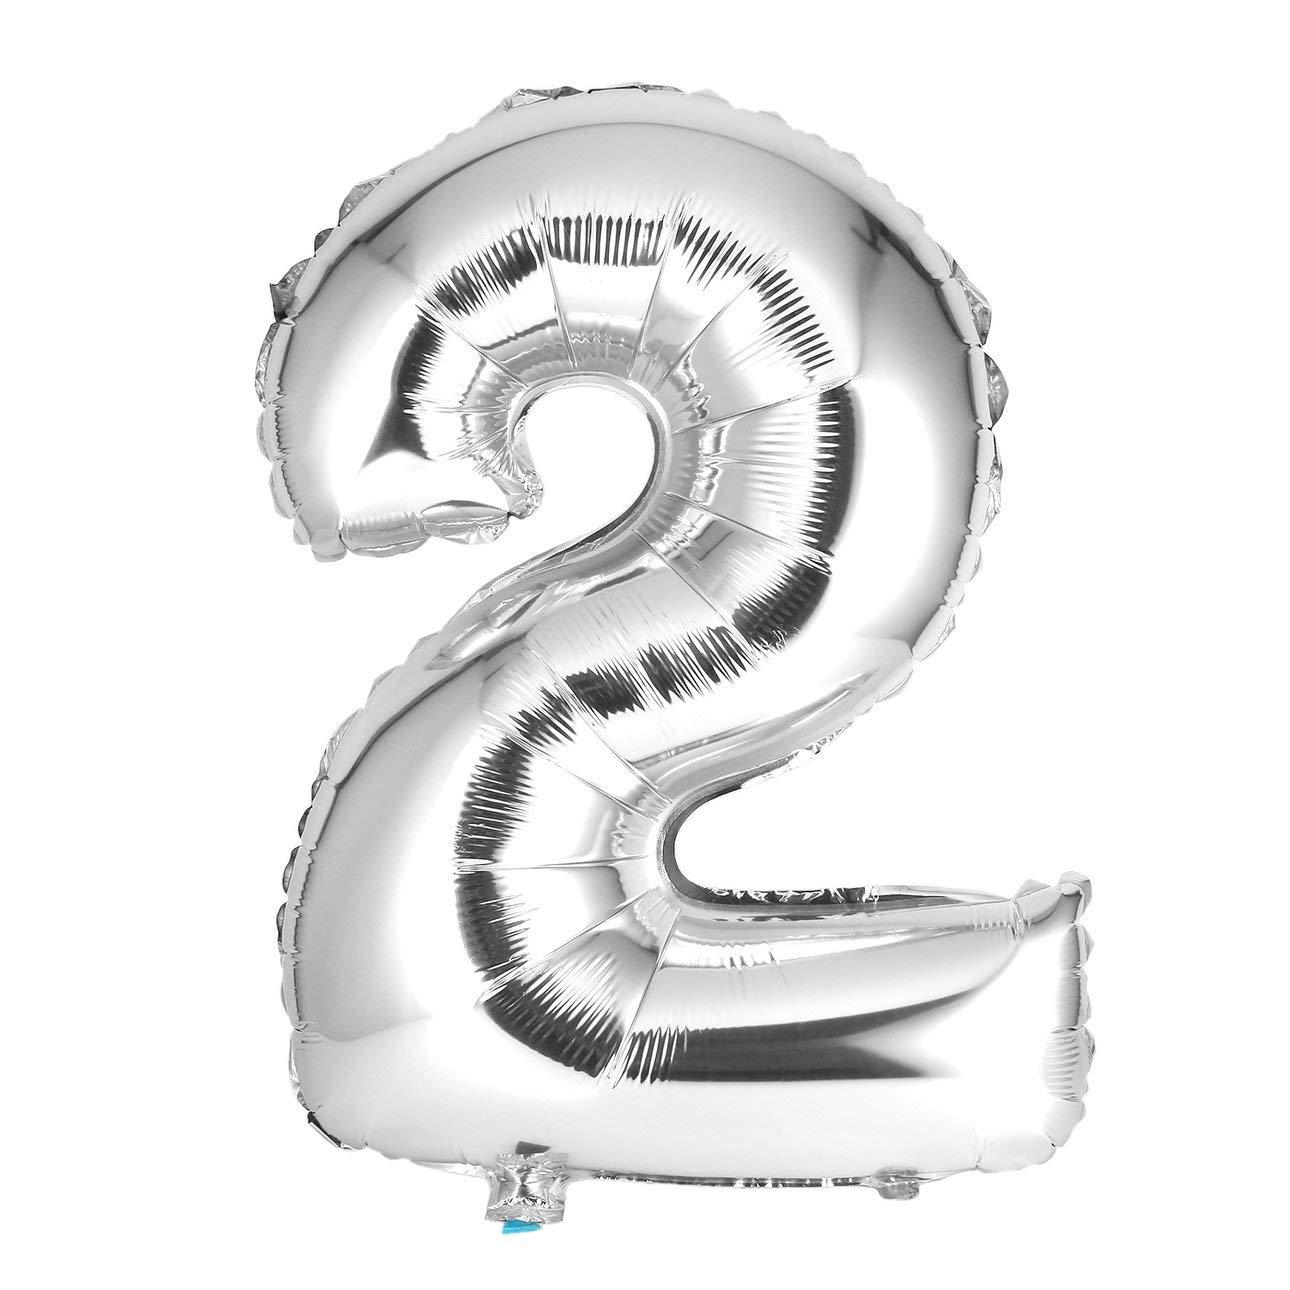 【開店記念セール!】 Liobaba 数字バルーン 30インチ 2 シルバー 誕生日 数字バルーン パーティーデコレーション 数字バルーン ヘリウムホイルデジタルバルーン Liobaba 誕生日 2 B07J4RKC1J, グーグー(zZZ):35dce0bf --- a0267596.xsph.ru